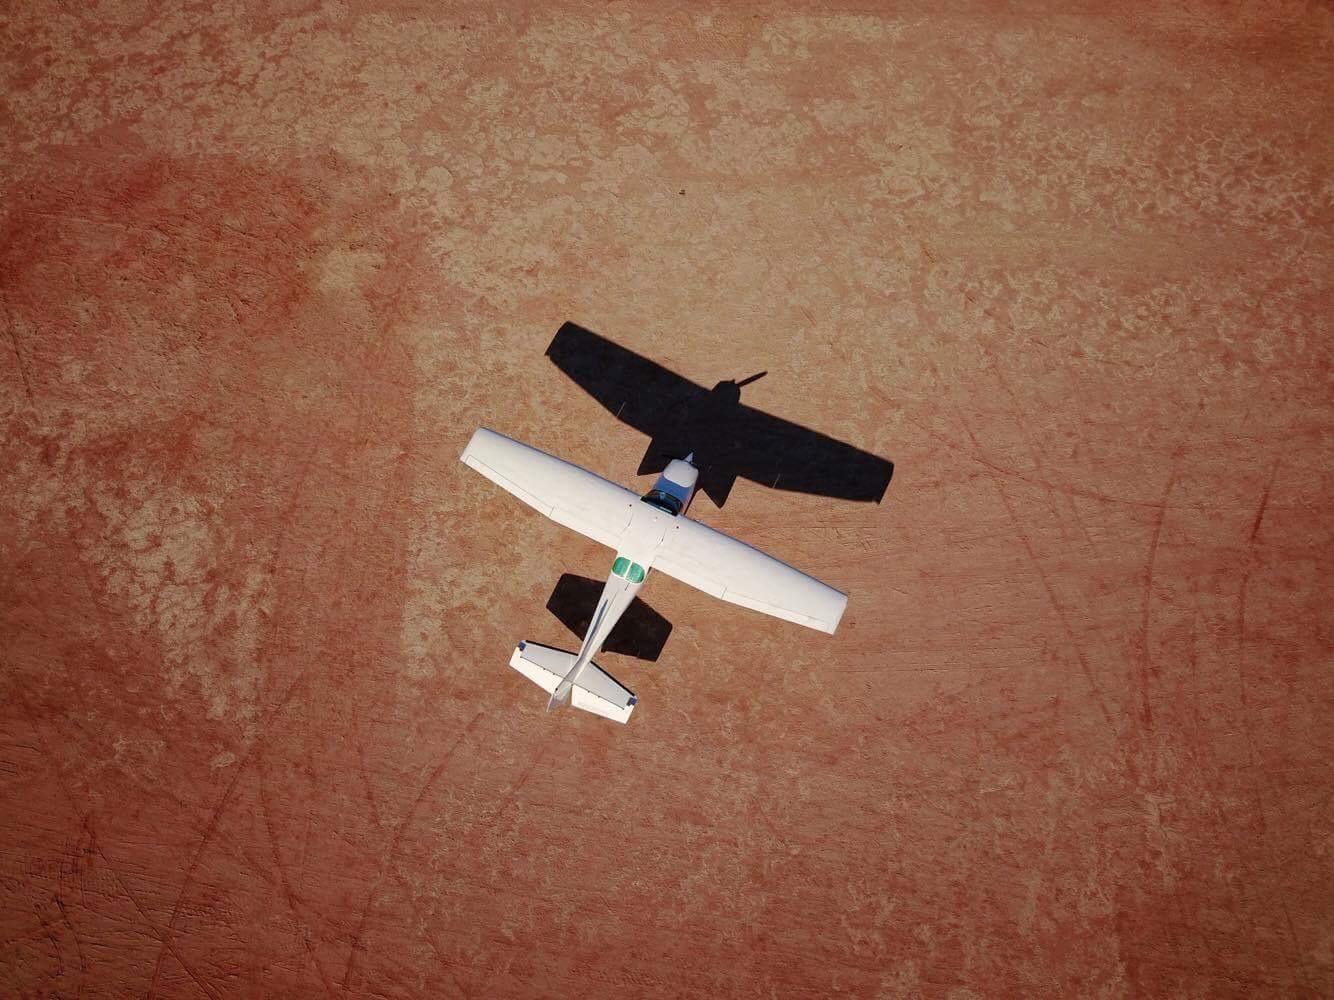 Flying pic 2.JPG